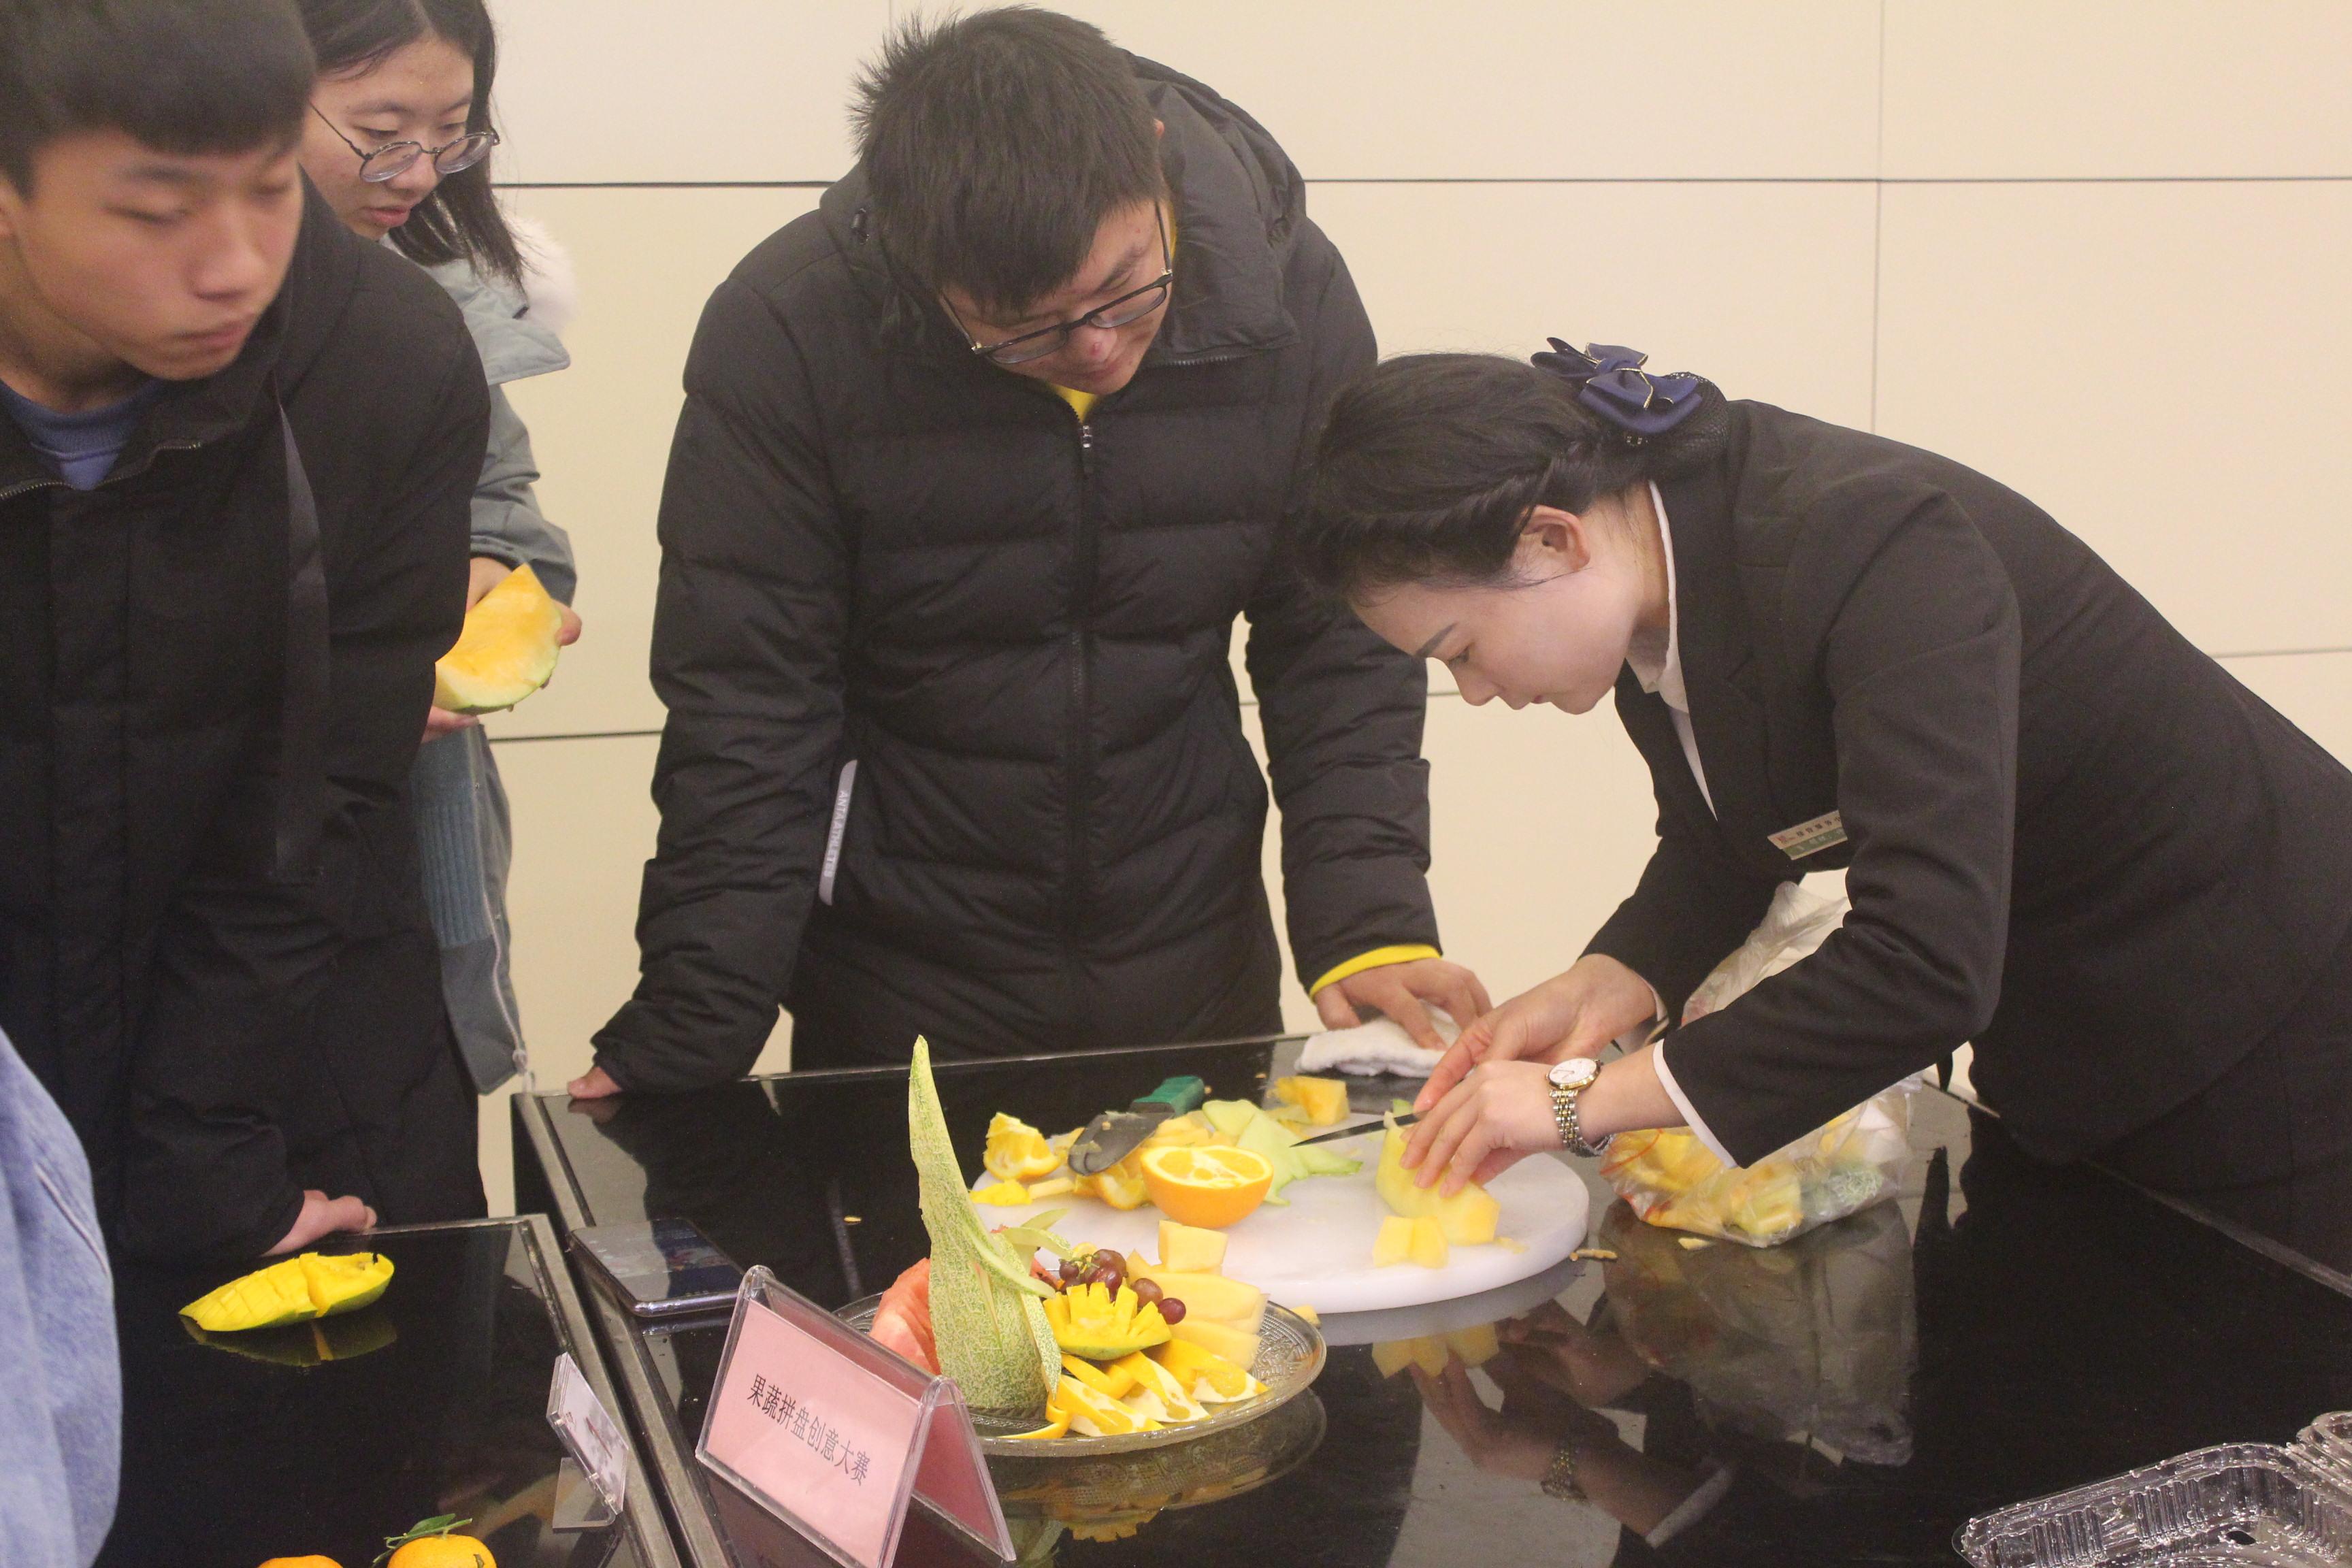 水果拼盘活动名称_【文化节】接待服务中心:创意DIY 趣味无穷-浙江农林大学后勤集团